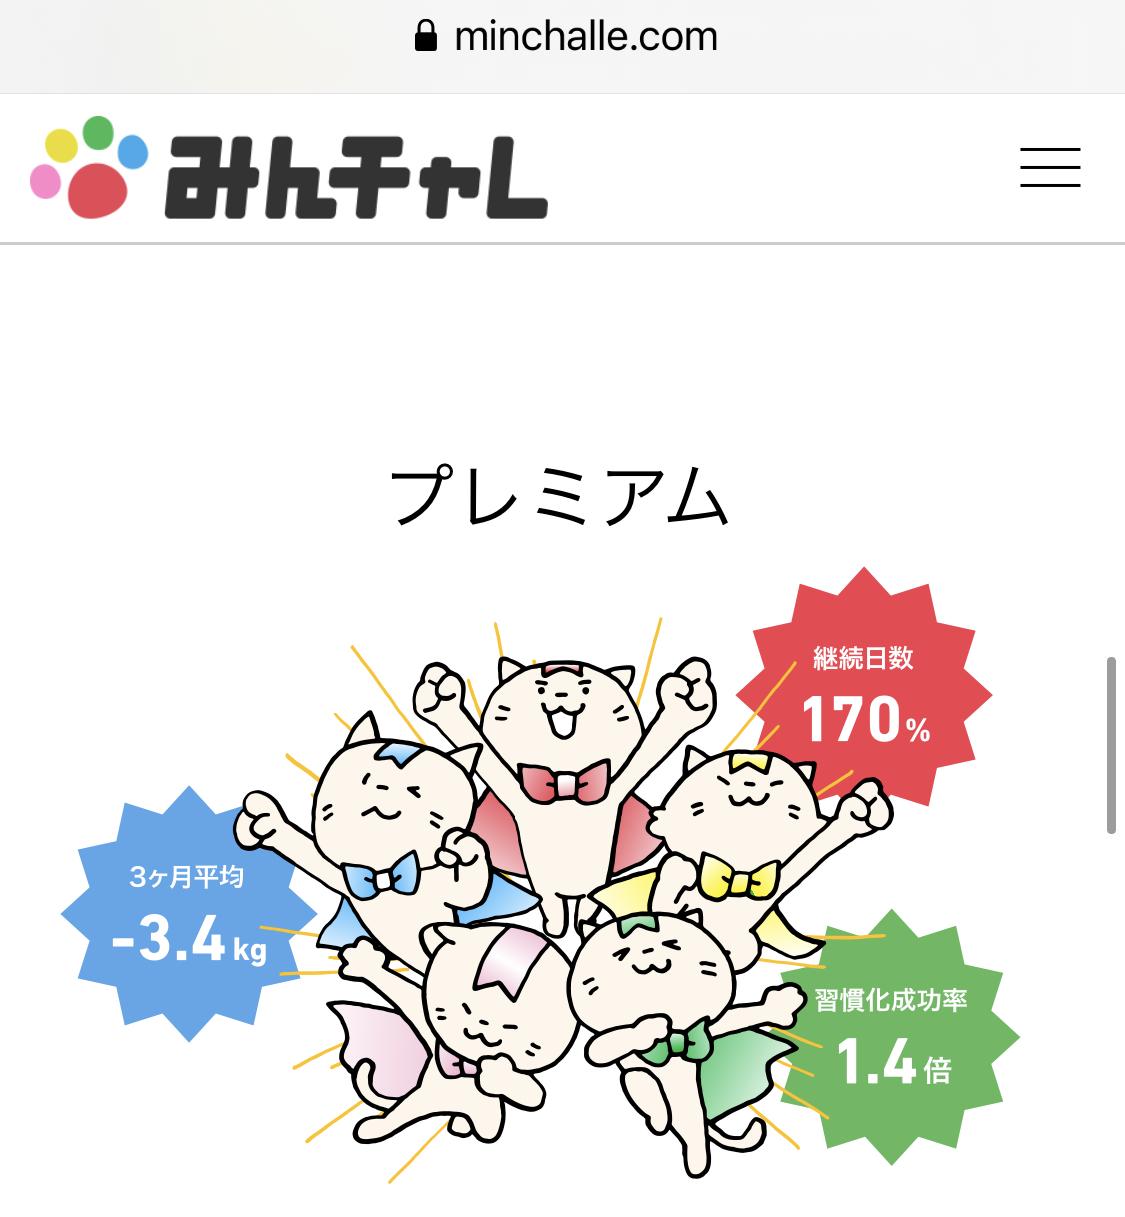 みんチャレプレミアム(有料)をAndroidからiPhoneに引っ越す方法